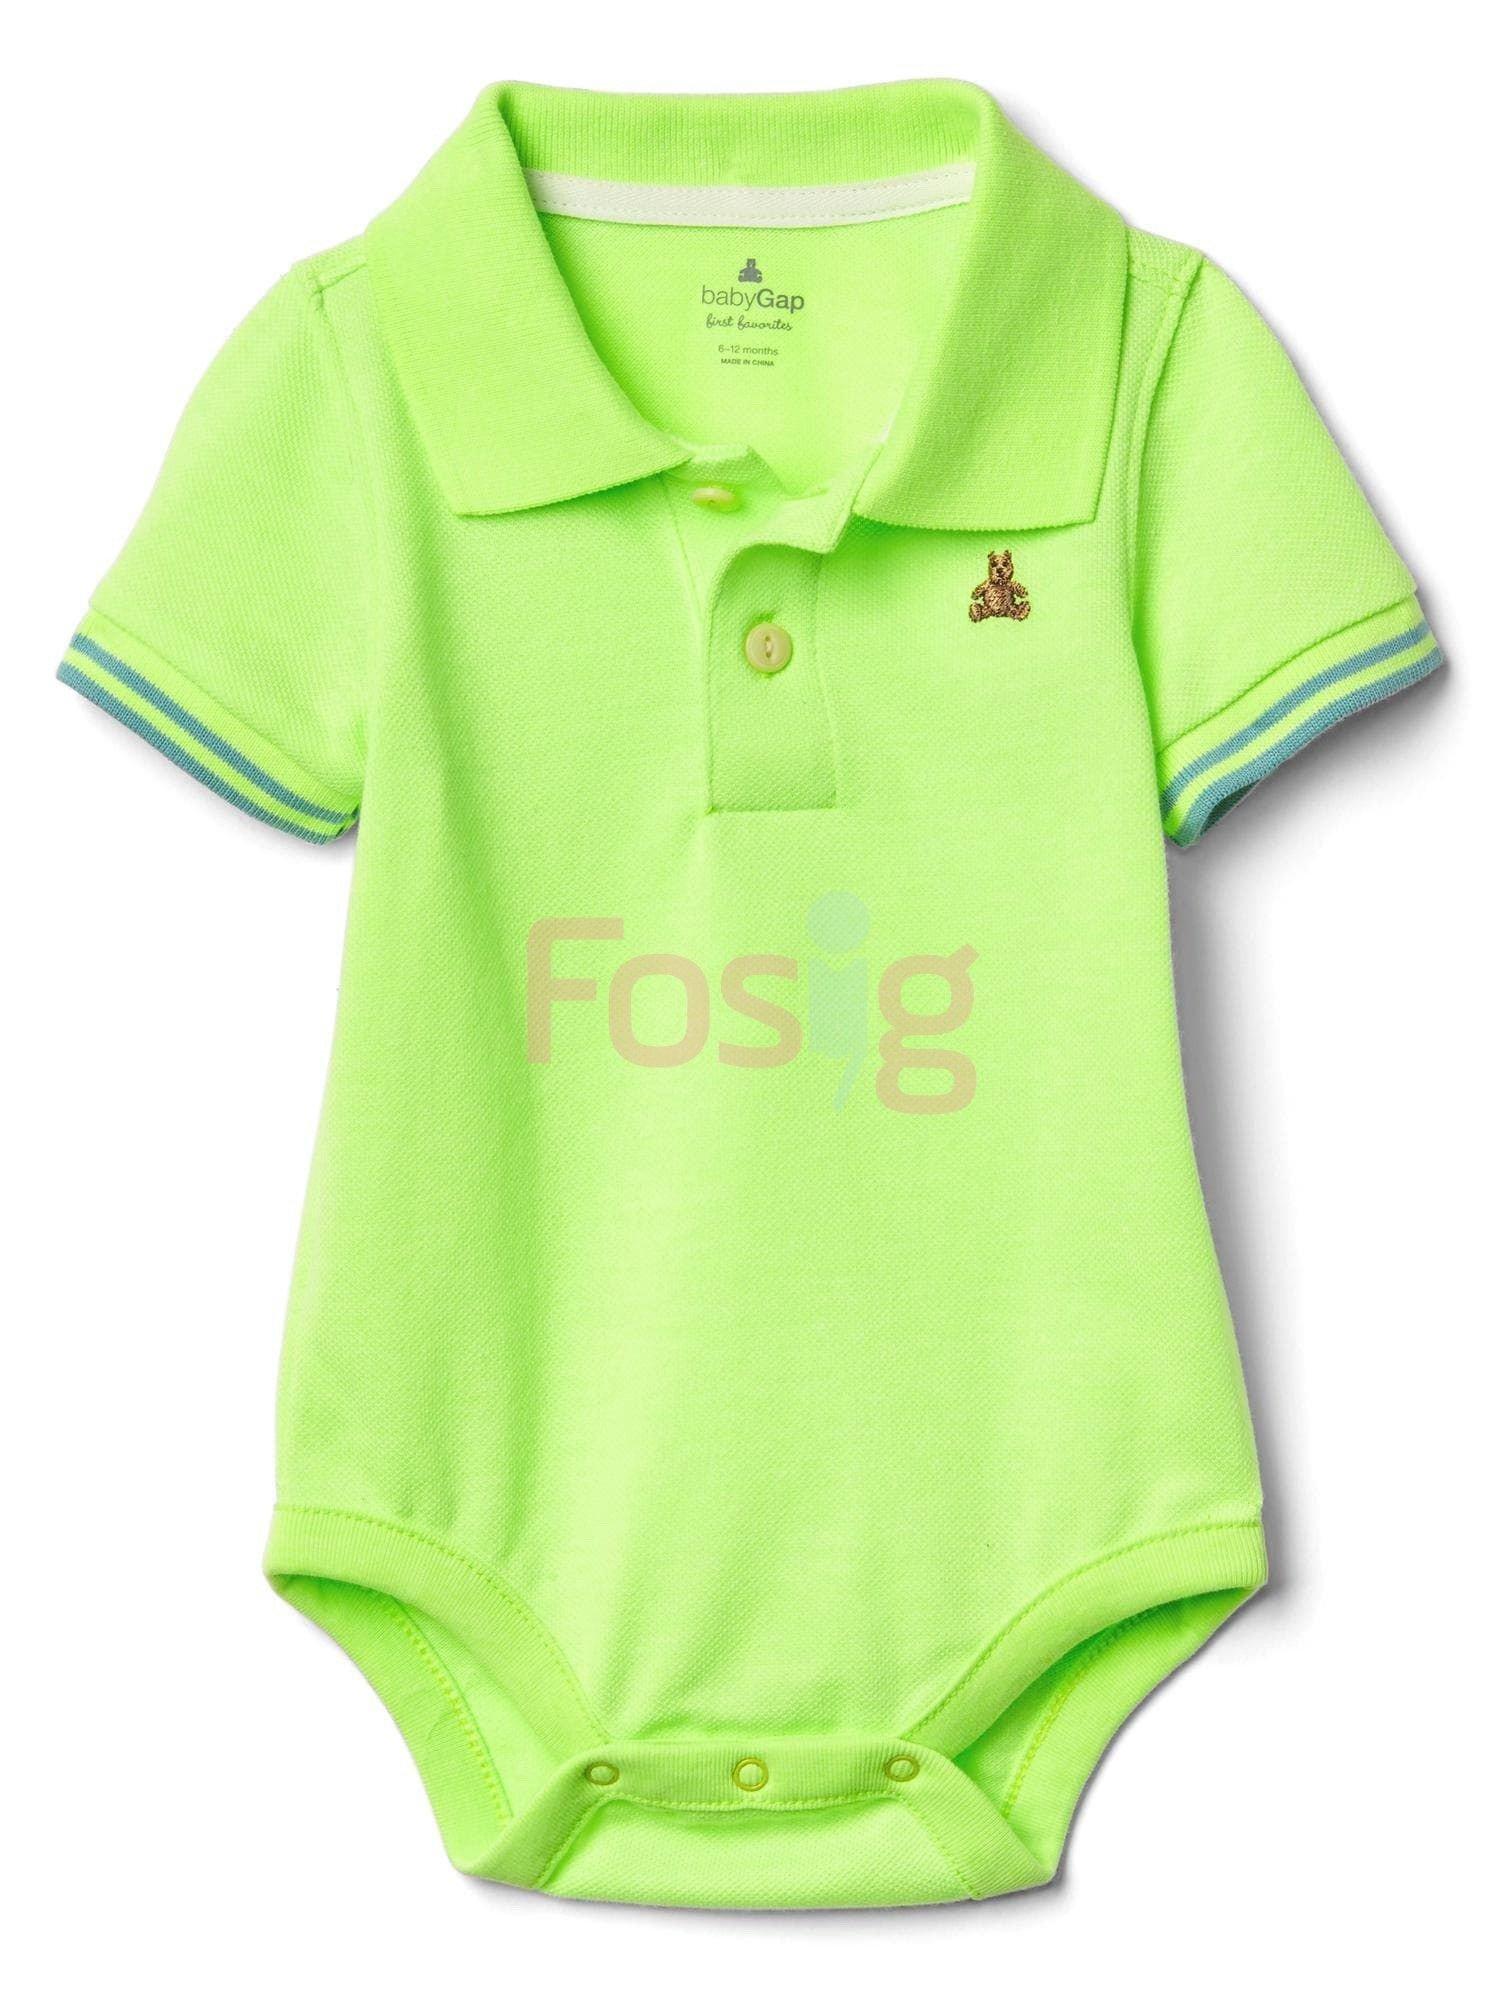 [5-7kg; 9-10kg] Bodysuit Baby Gap 81 [Boy] - Xanh Dạ Quang